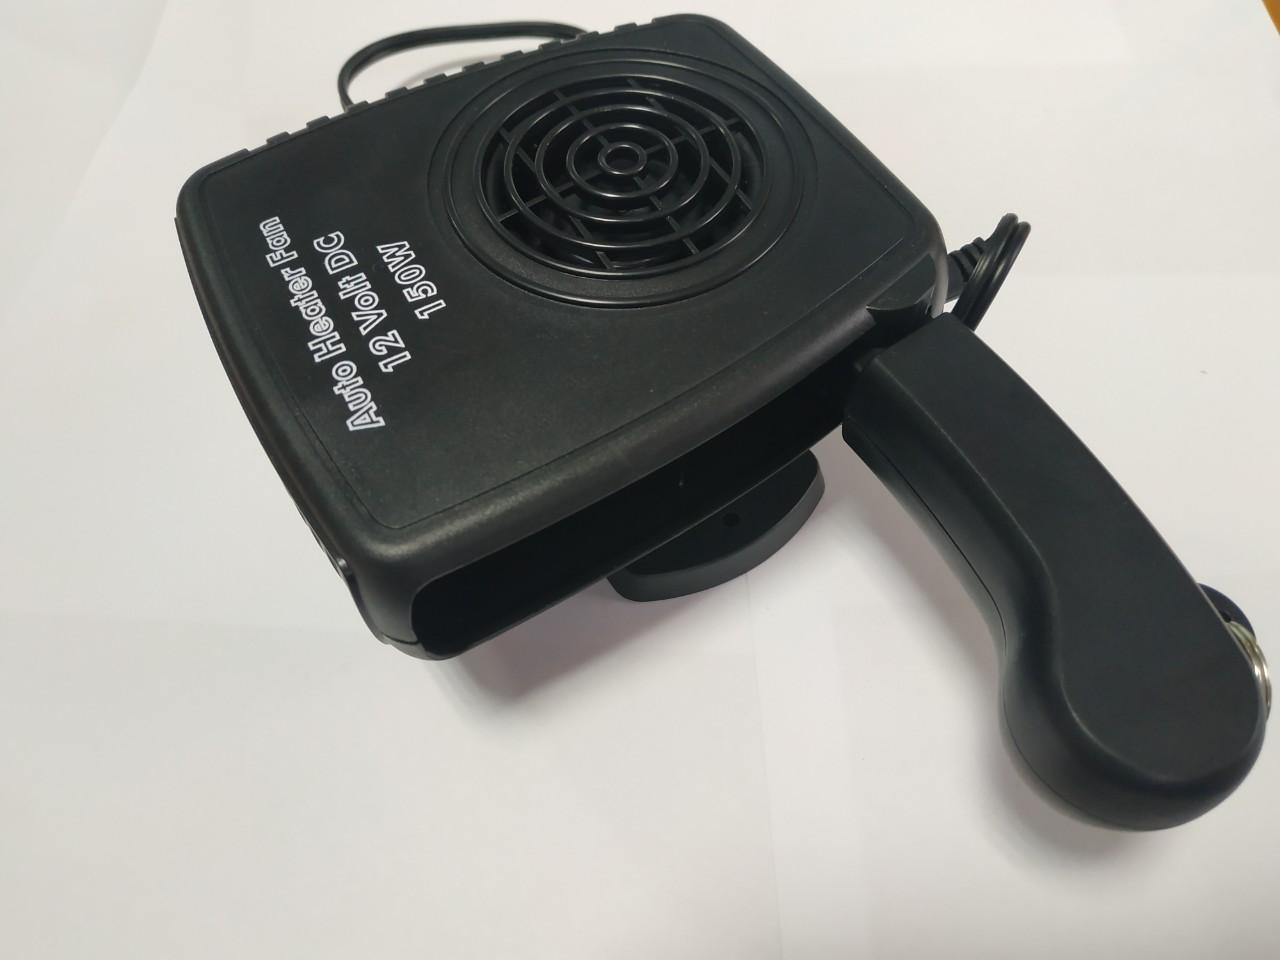 Фен обогреватель автомобильный 12 вольт - купить в Украине FAN Heater 150W